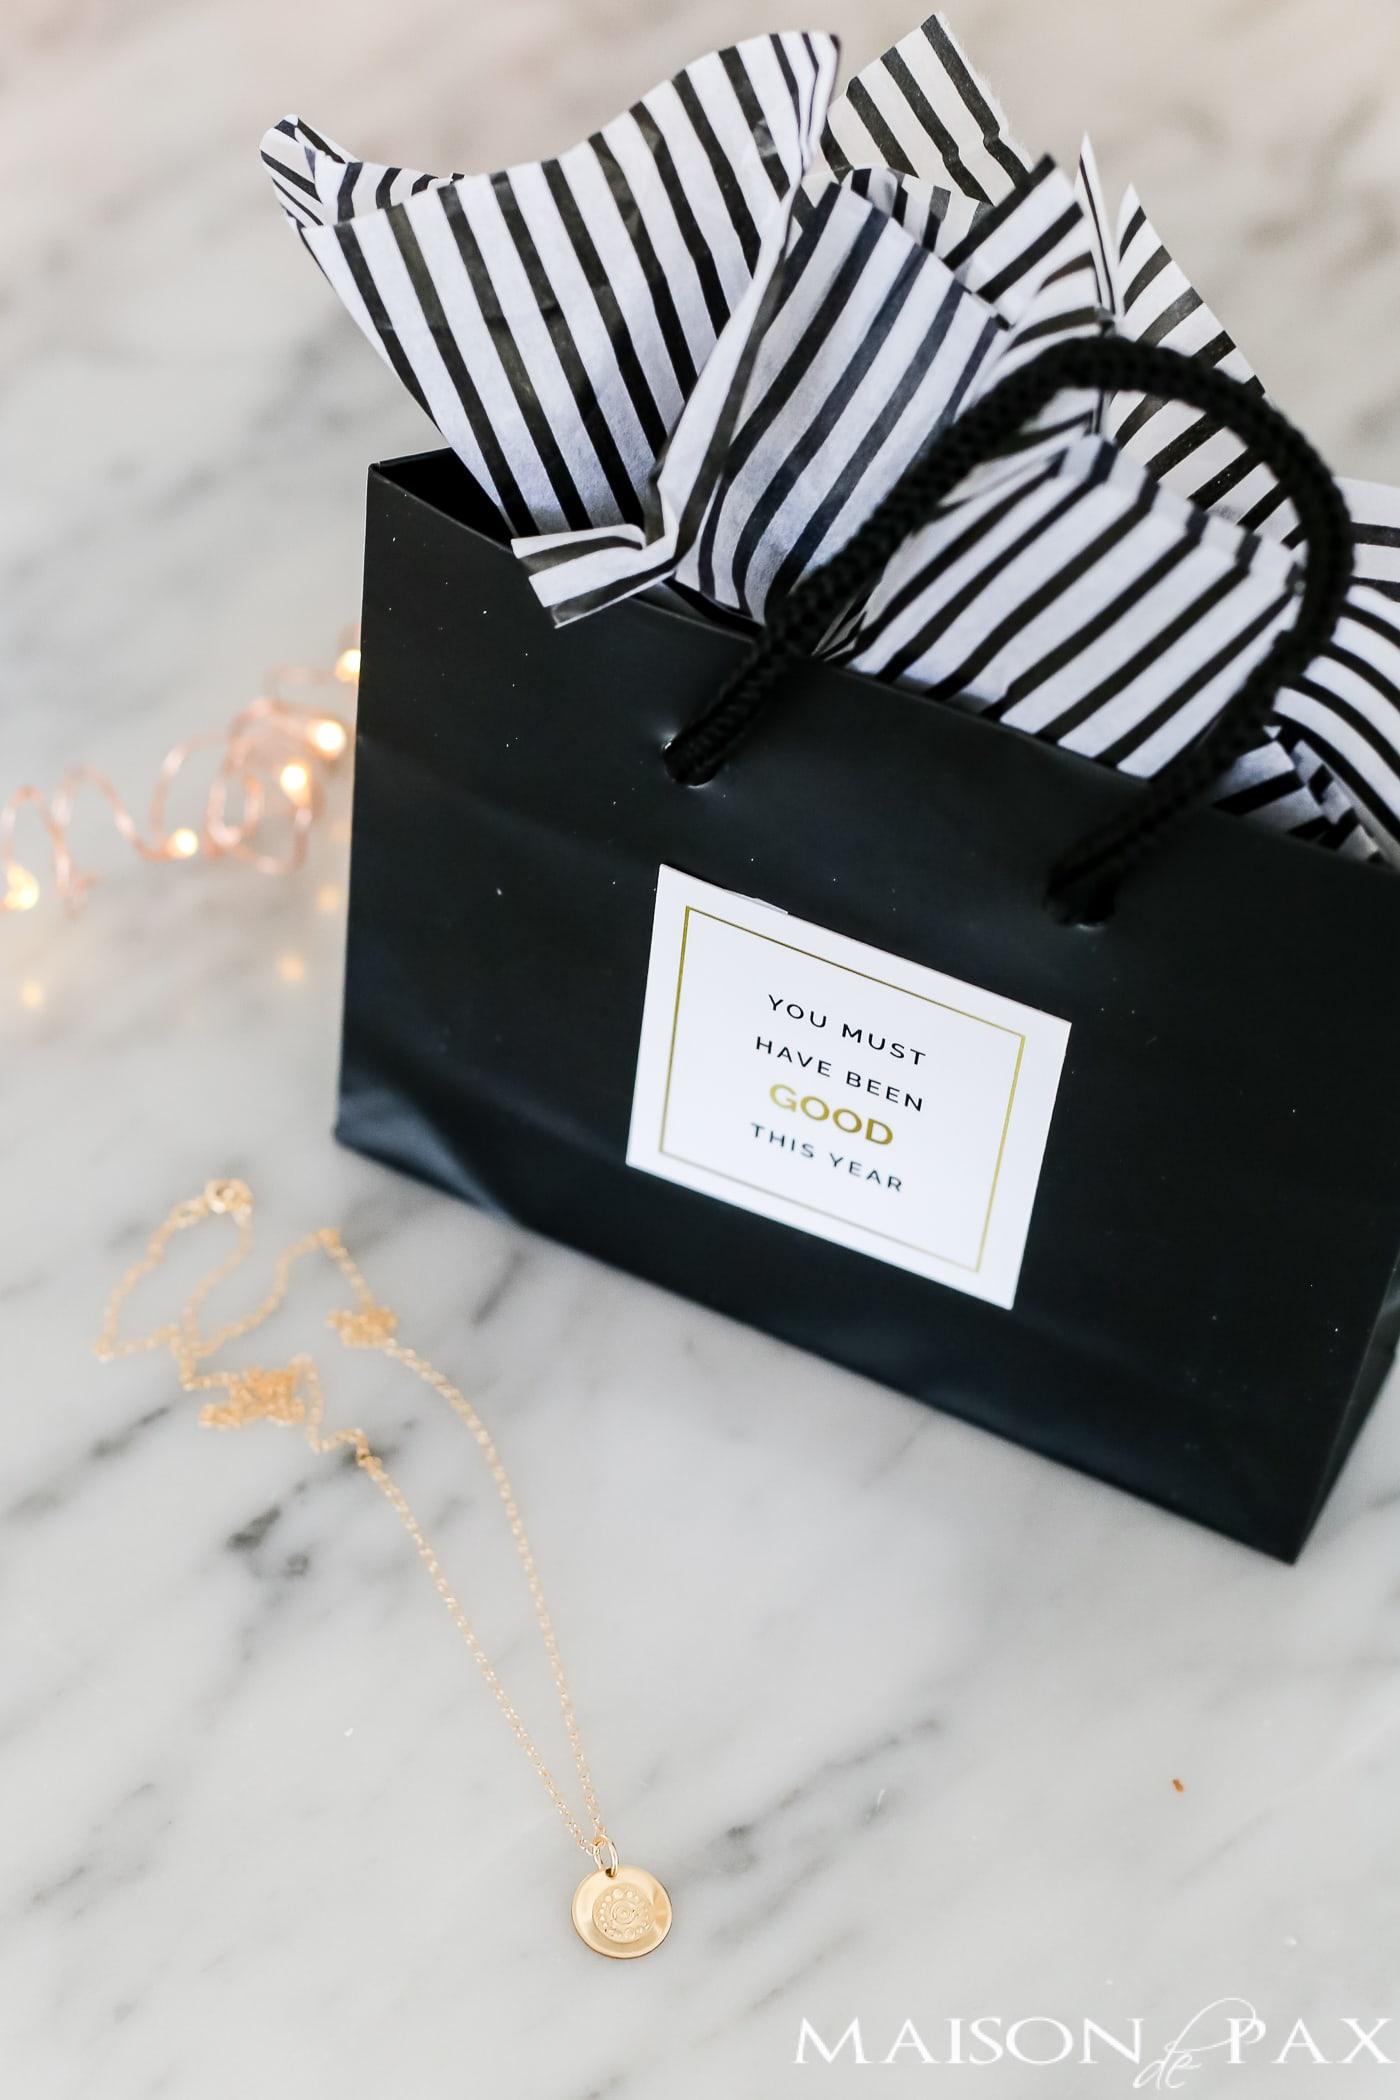 Gift Ideas For Her - Maison de Pax